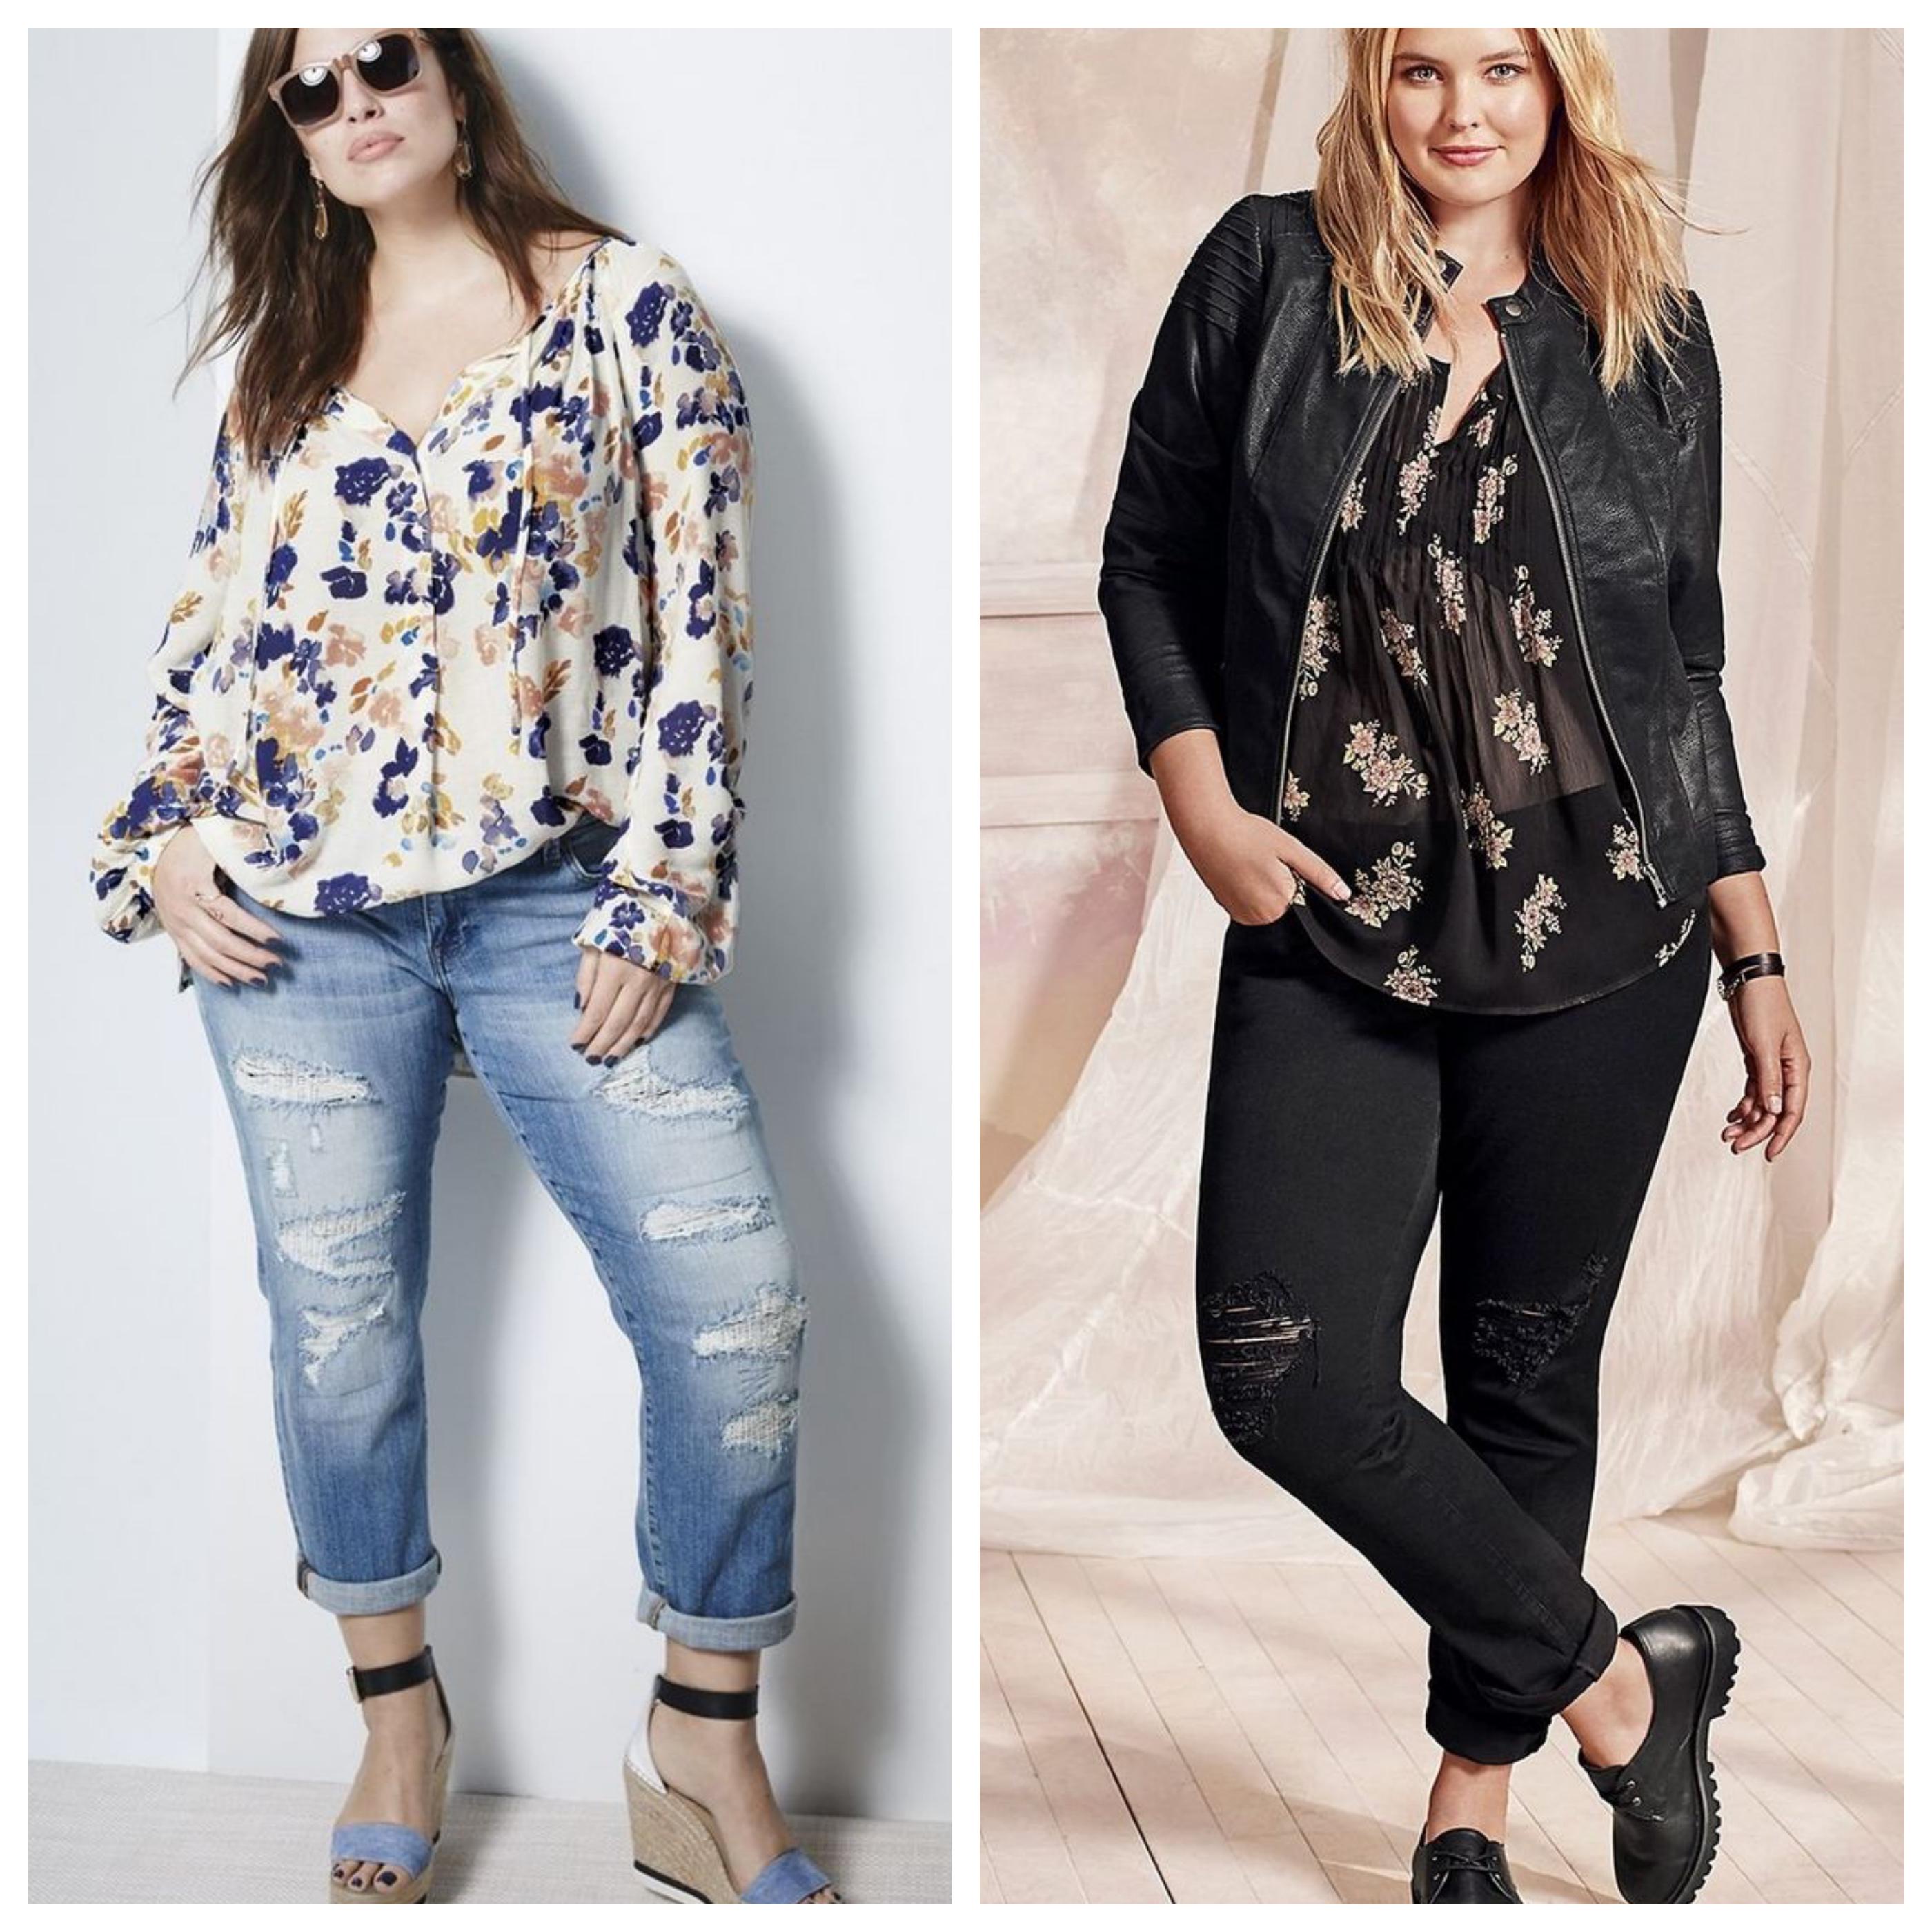 Джинсы для полных женщин - модные образы